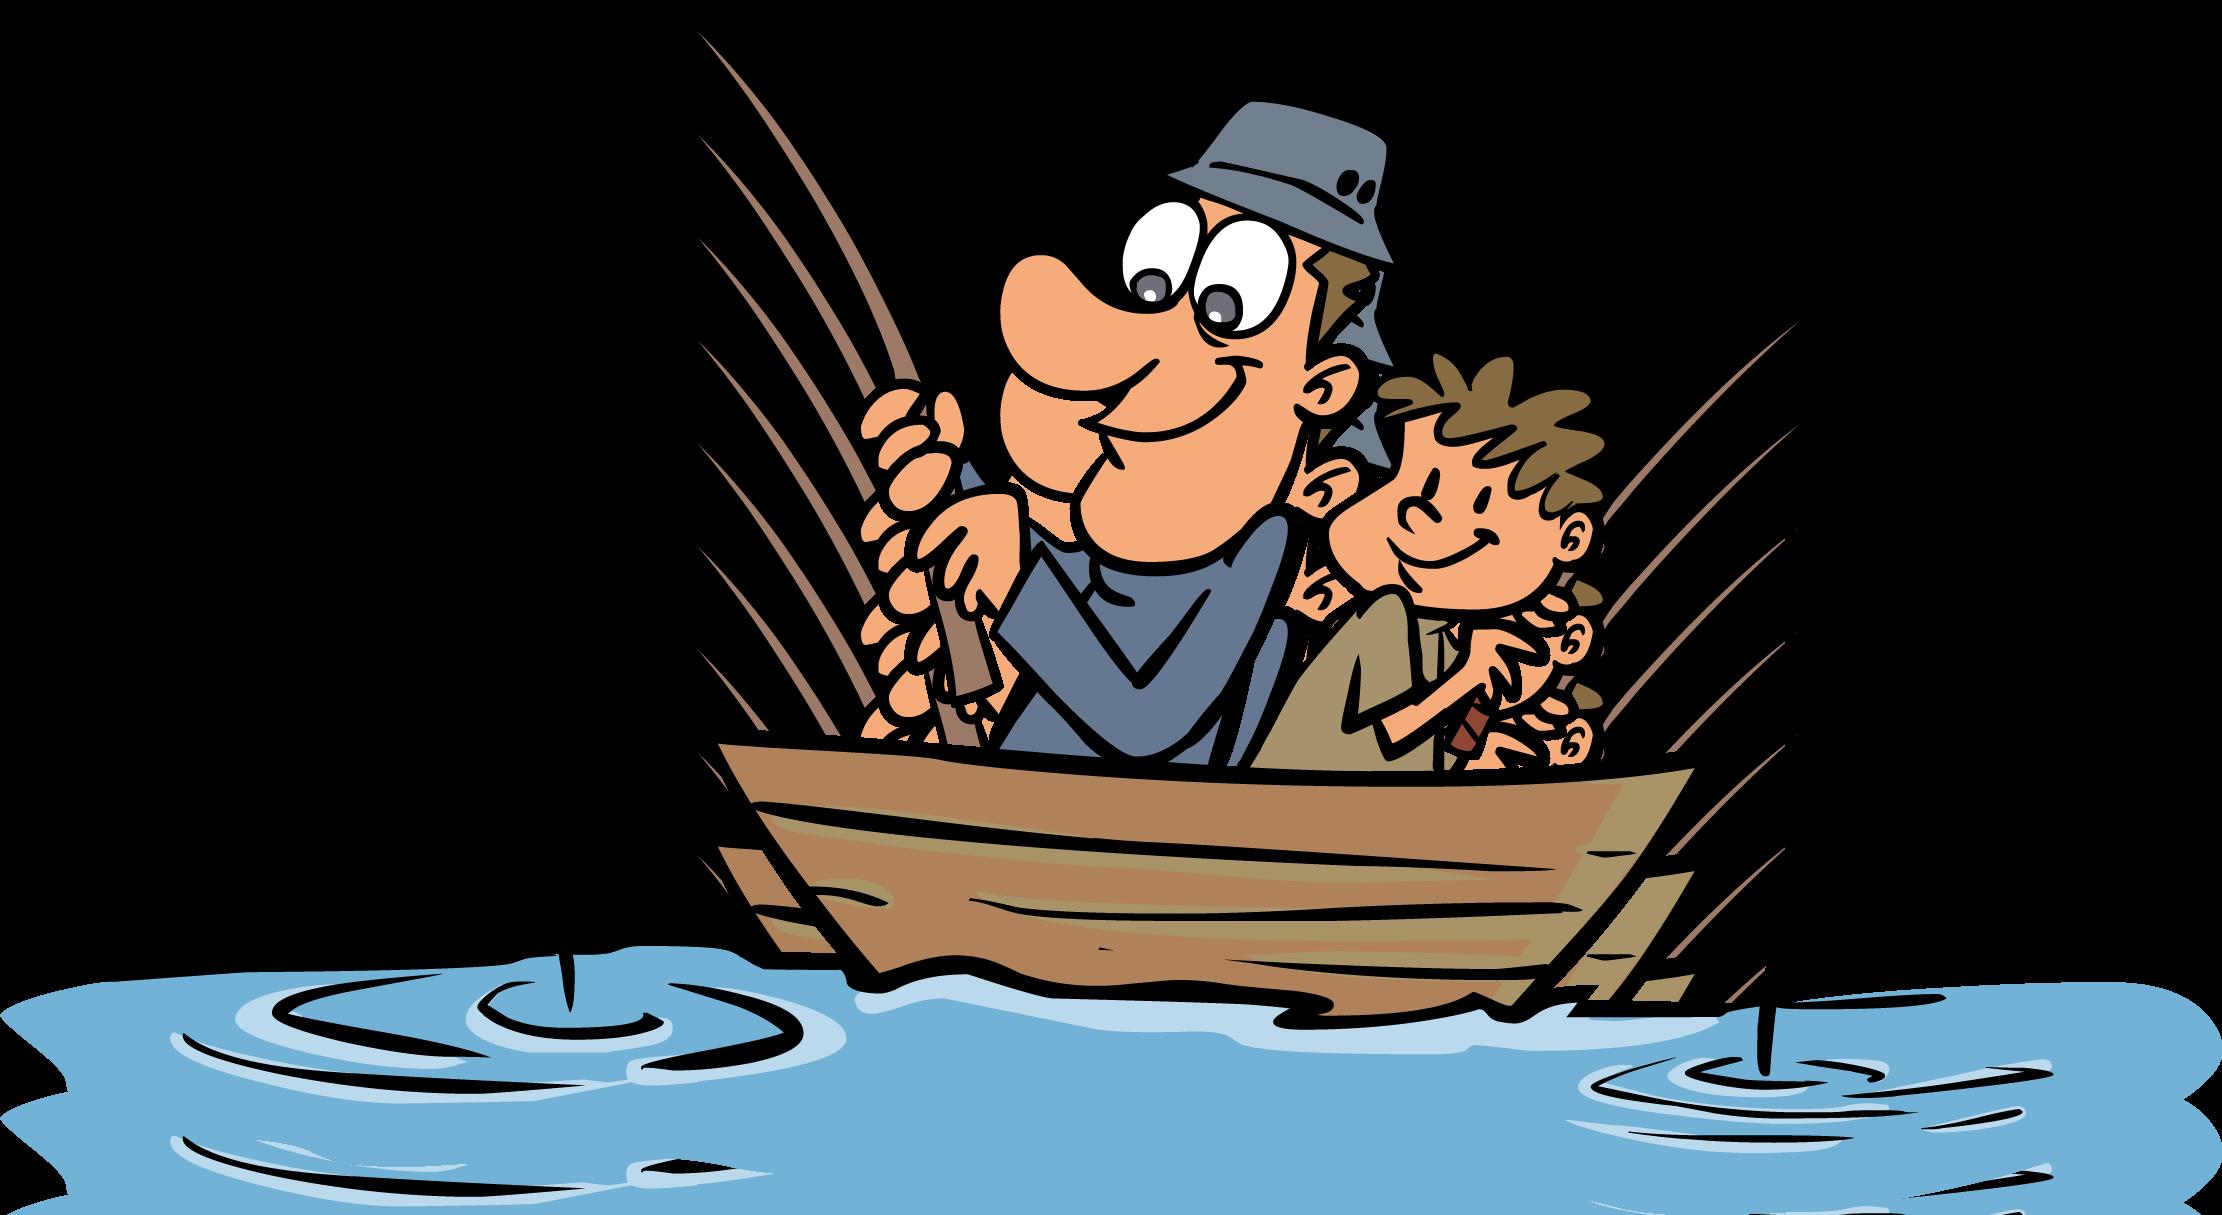 Рыболов рисунок для детей